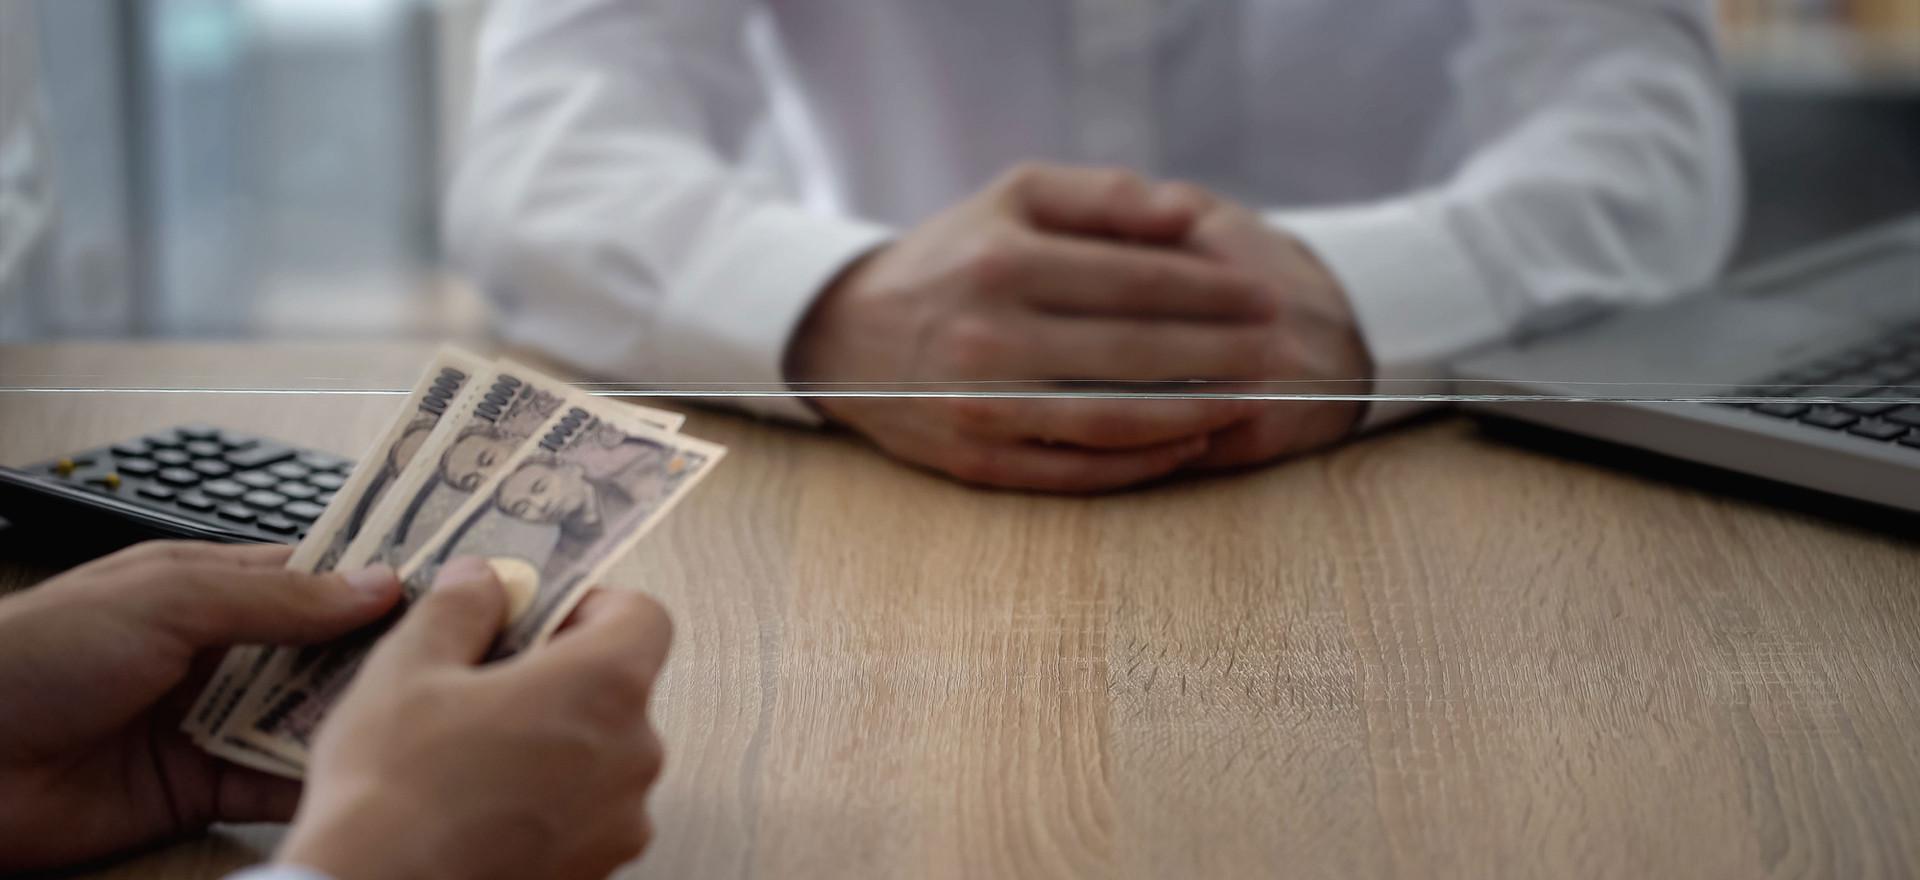 Medida Provisória 1.028/21 facilita empréstimos para pessoas físicas e empresas | LER